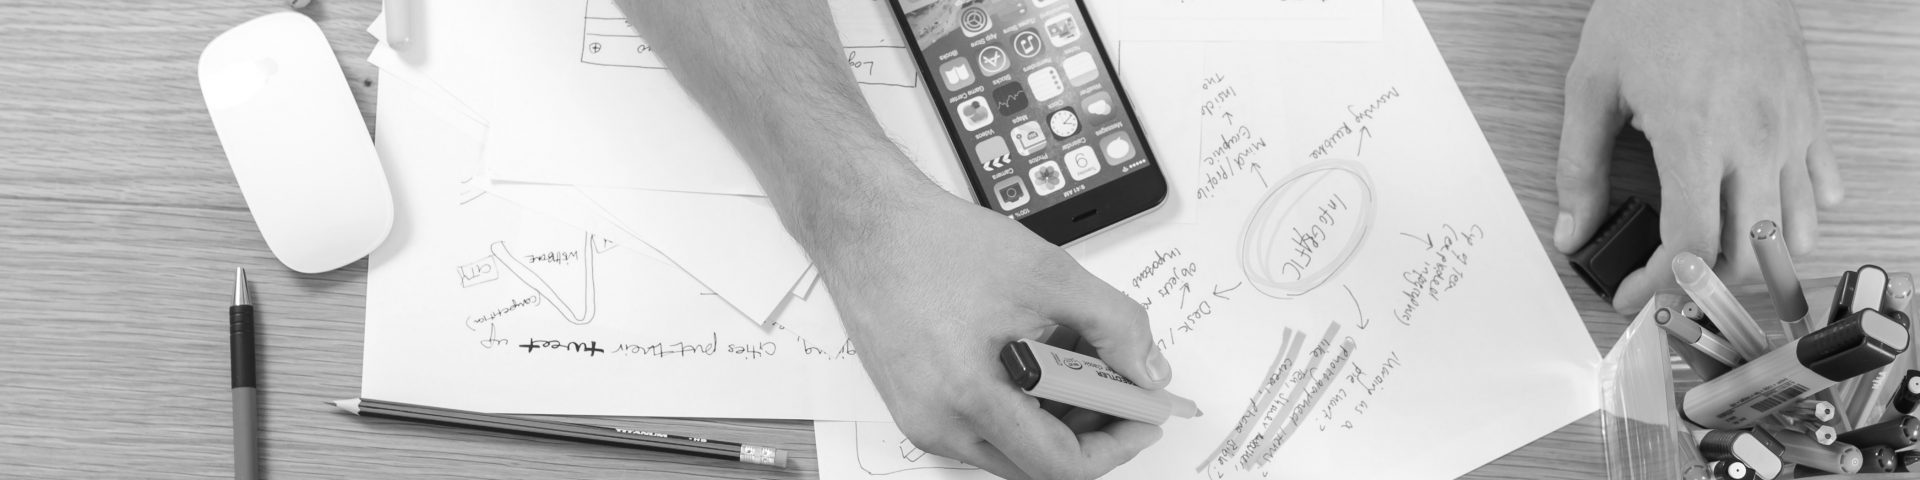 planning social media